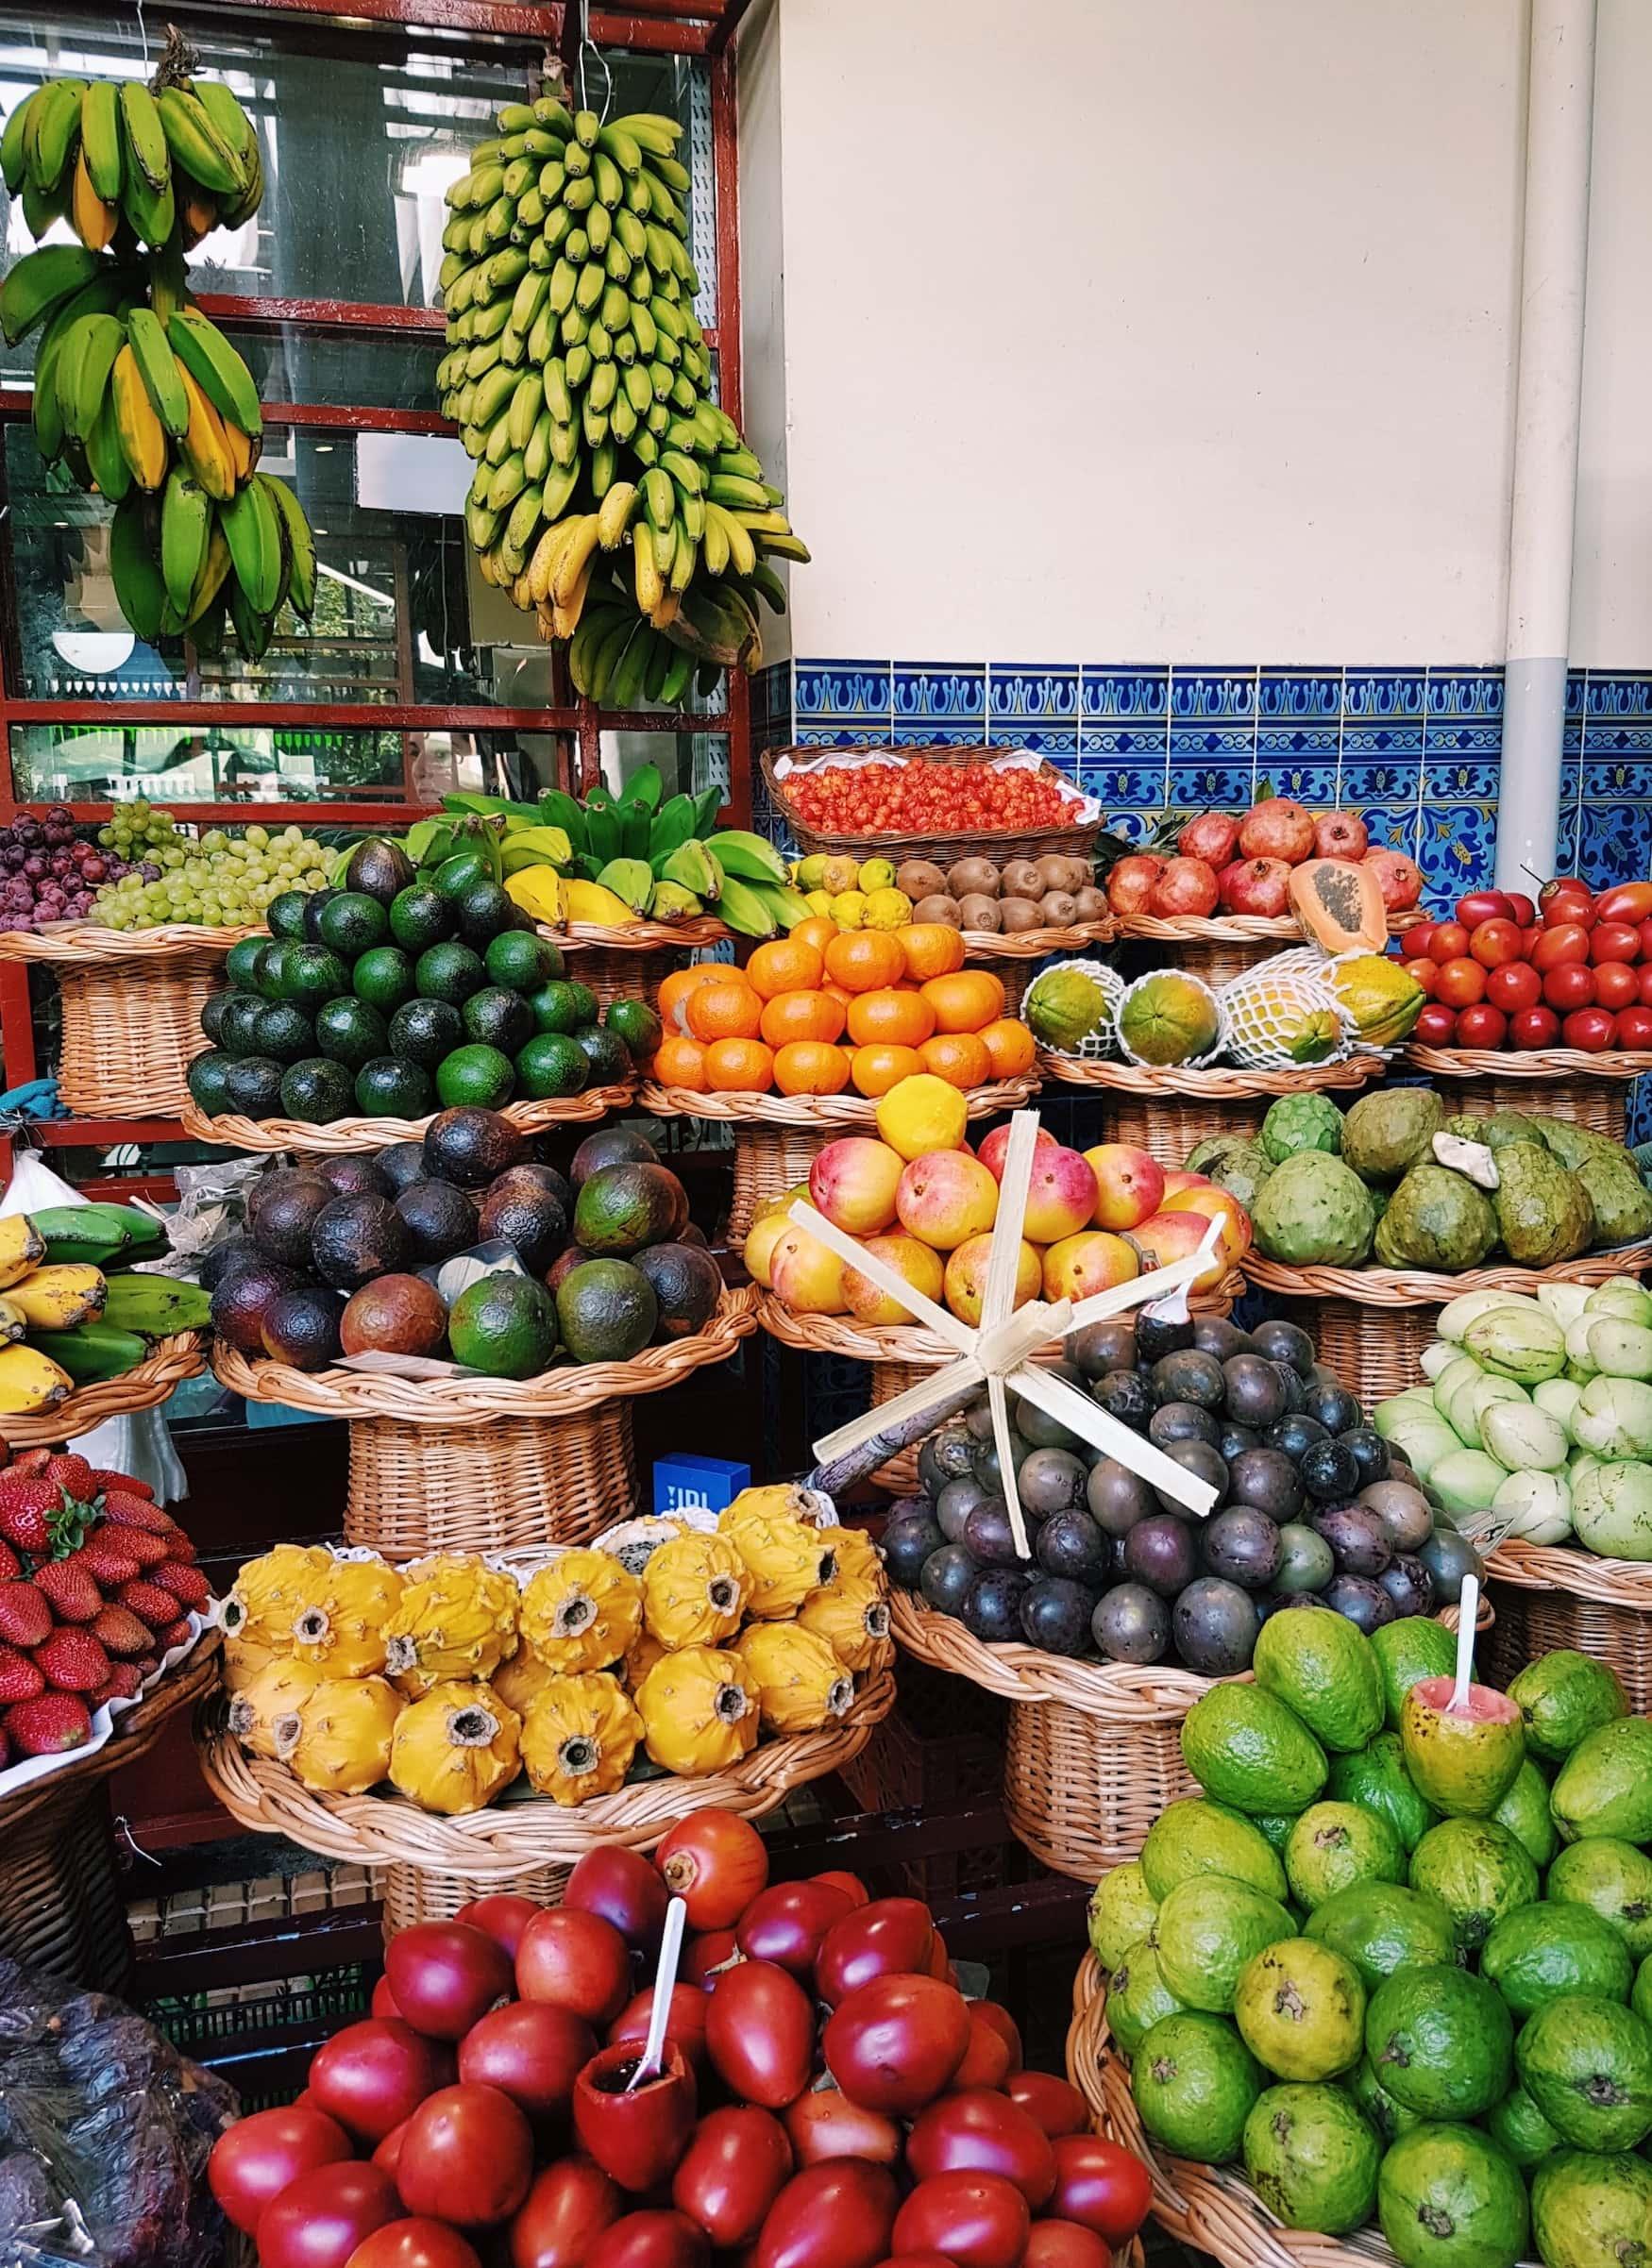 Unsere Tipps: Unbedingt das Obst und Gemüse auf Madeira probieren